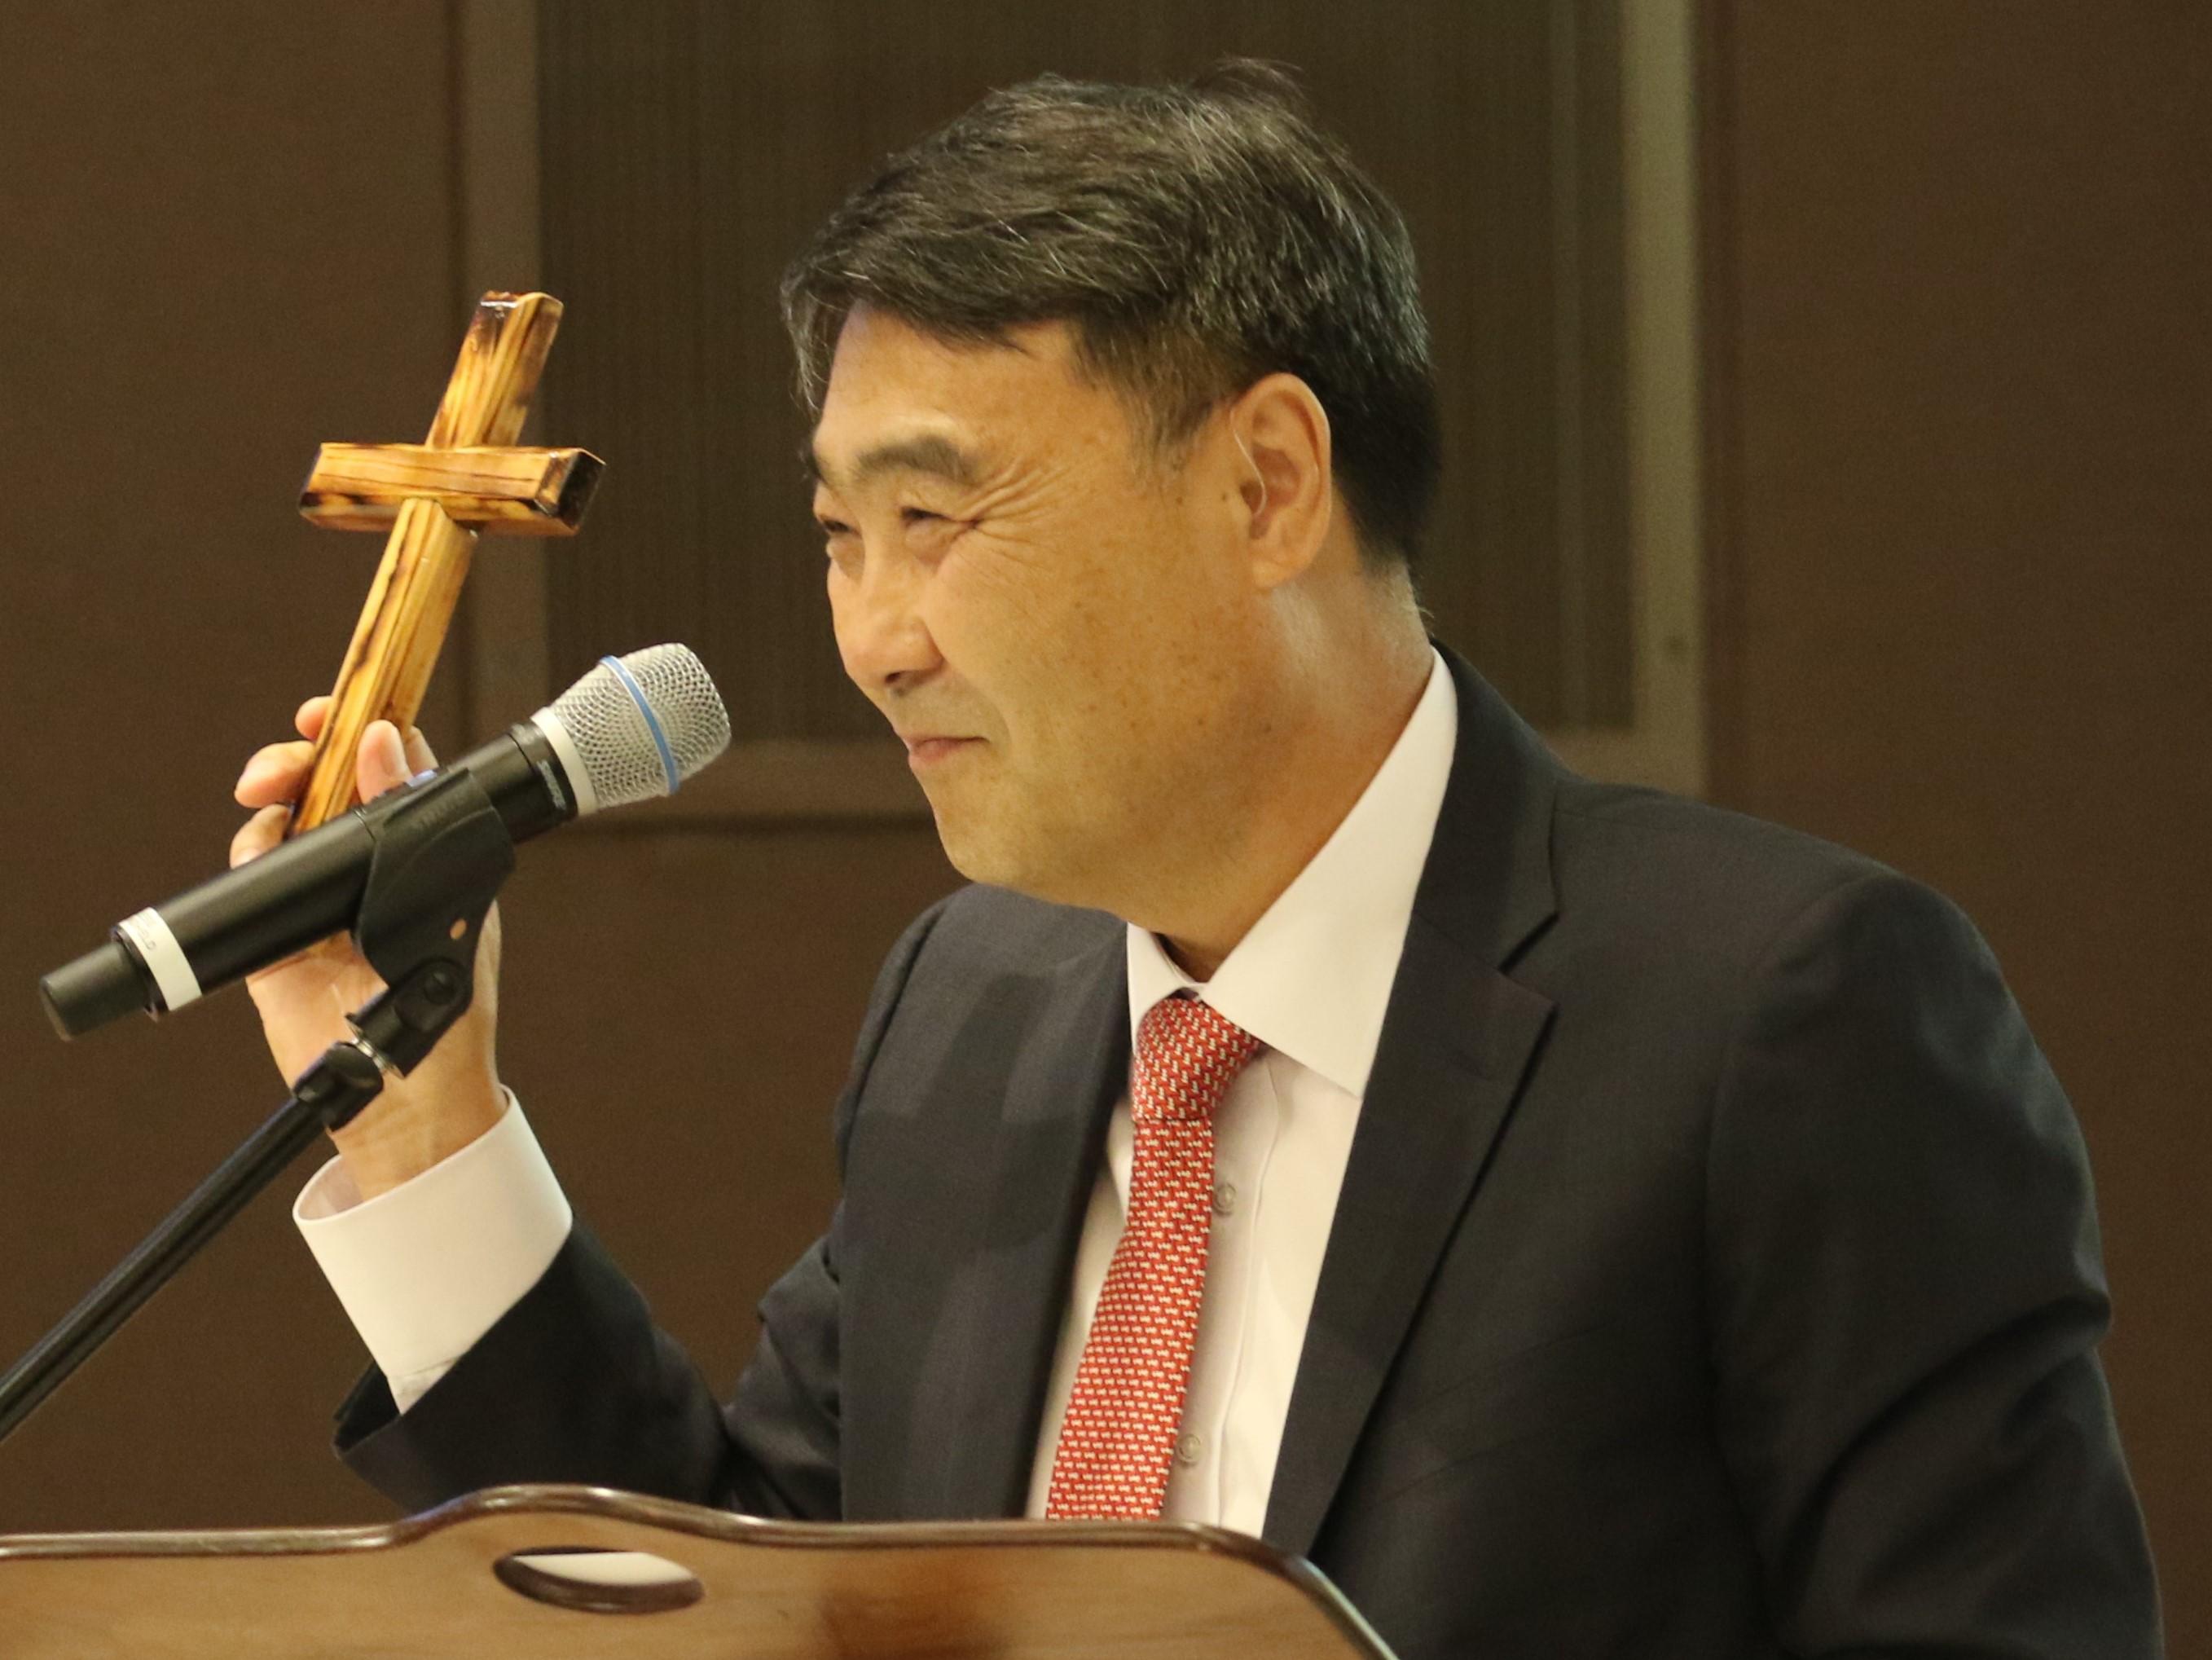 2018년 8월 와싱톤에서 열린 평화축제에서 김정호 목사가 설교 중에 북에서 만든 십자가를 들어 보이고 있다. 사진 김응선 목사, UMNS